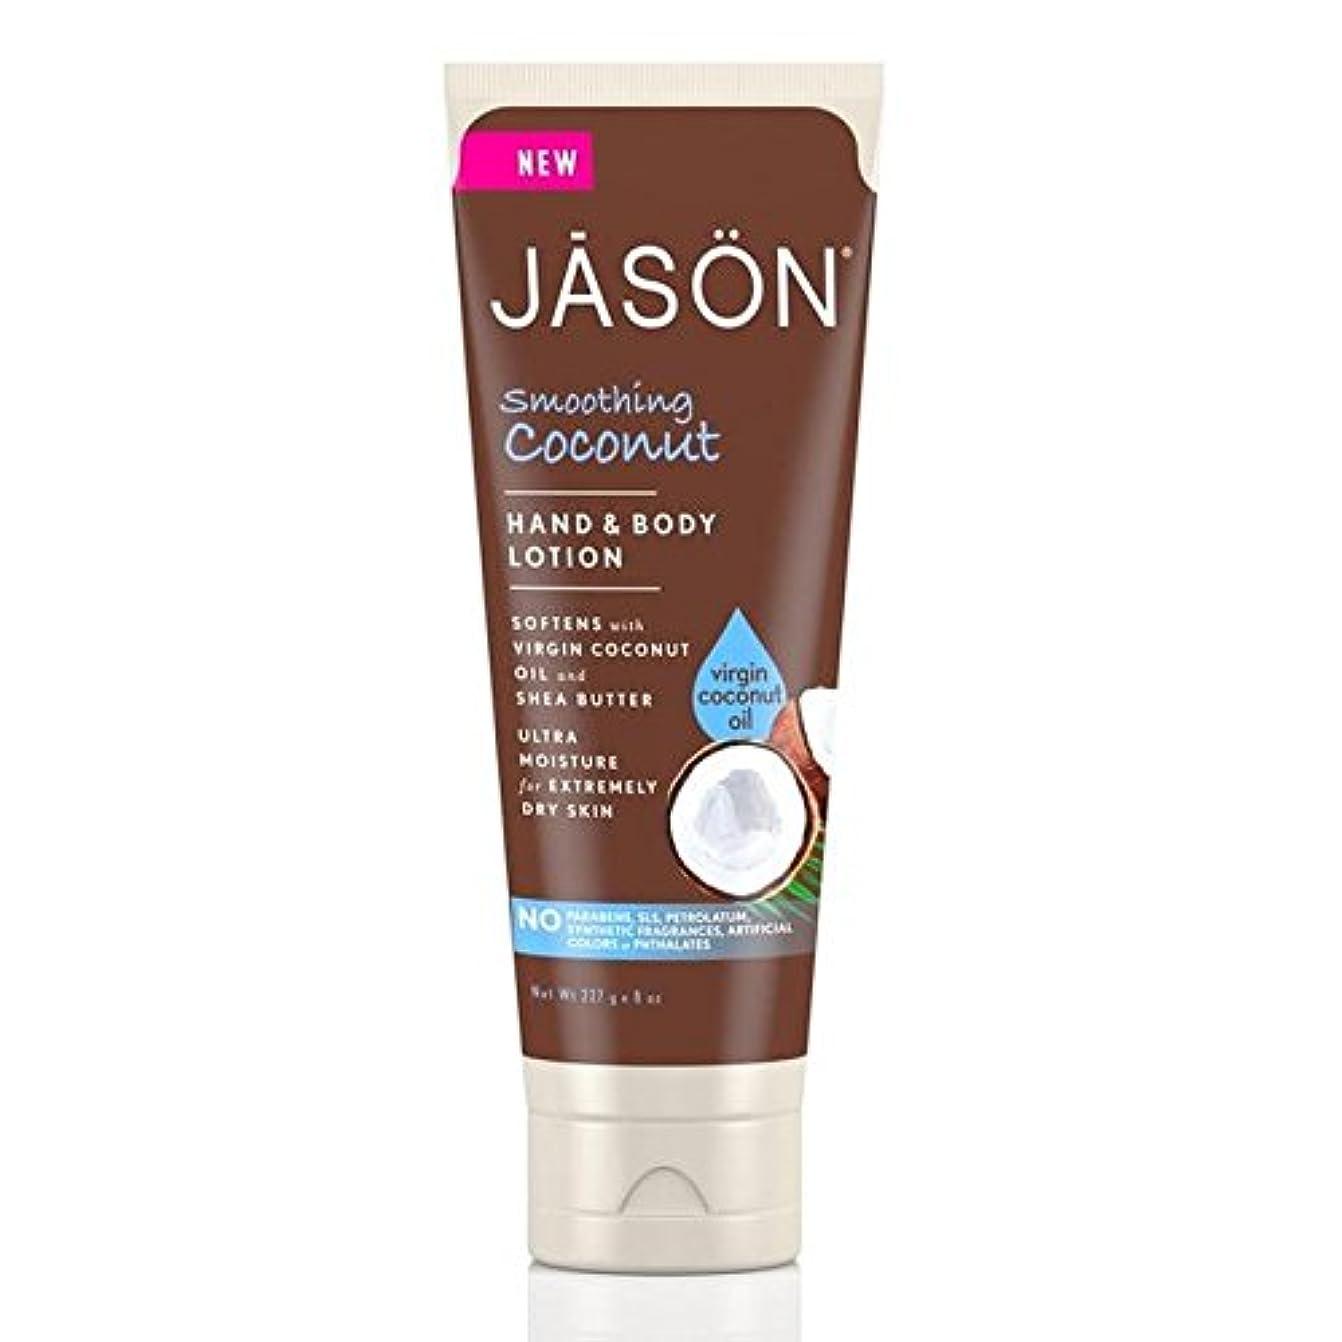 振り向く震え適応的Jason Coconut Hand & Body Lotion 227g (Pack of 6) - ジェイソン?ココナッツハンド&ボディローション227グラム x6 [並行輸入品]